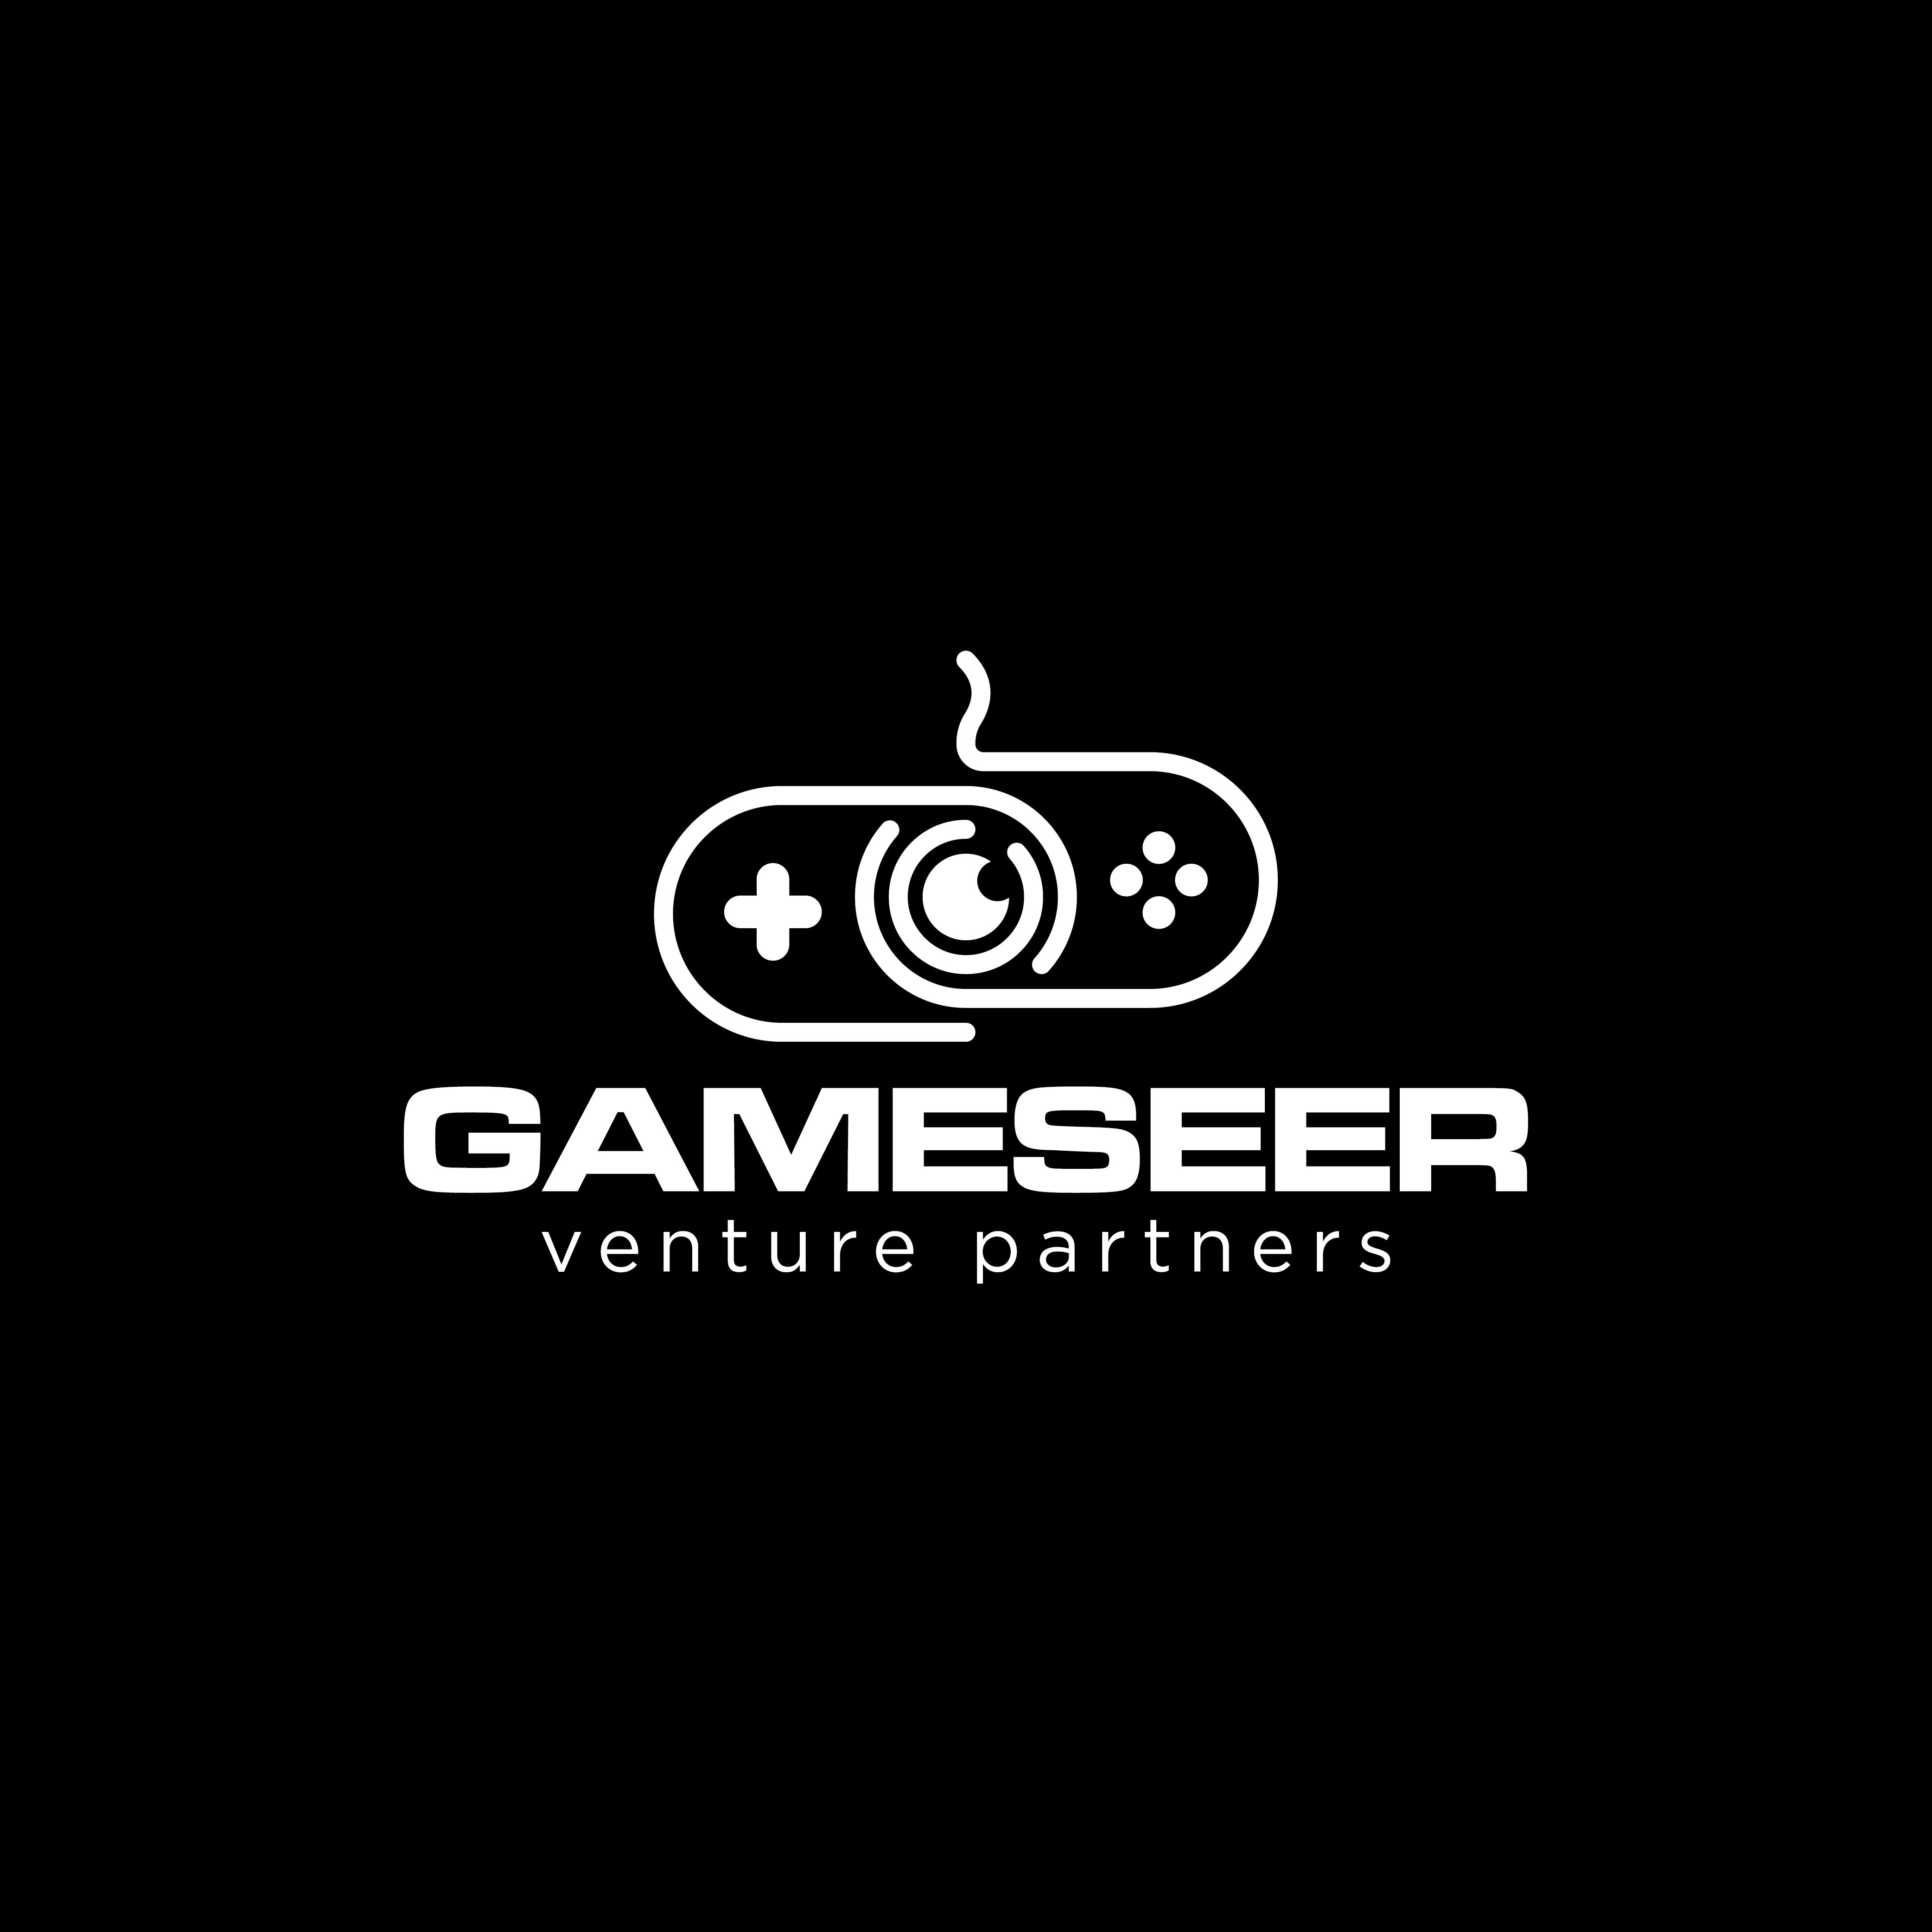 LOGO GAME SEER 03